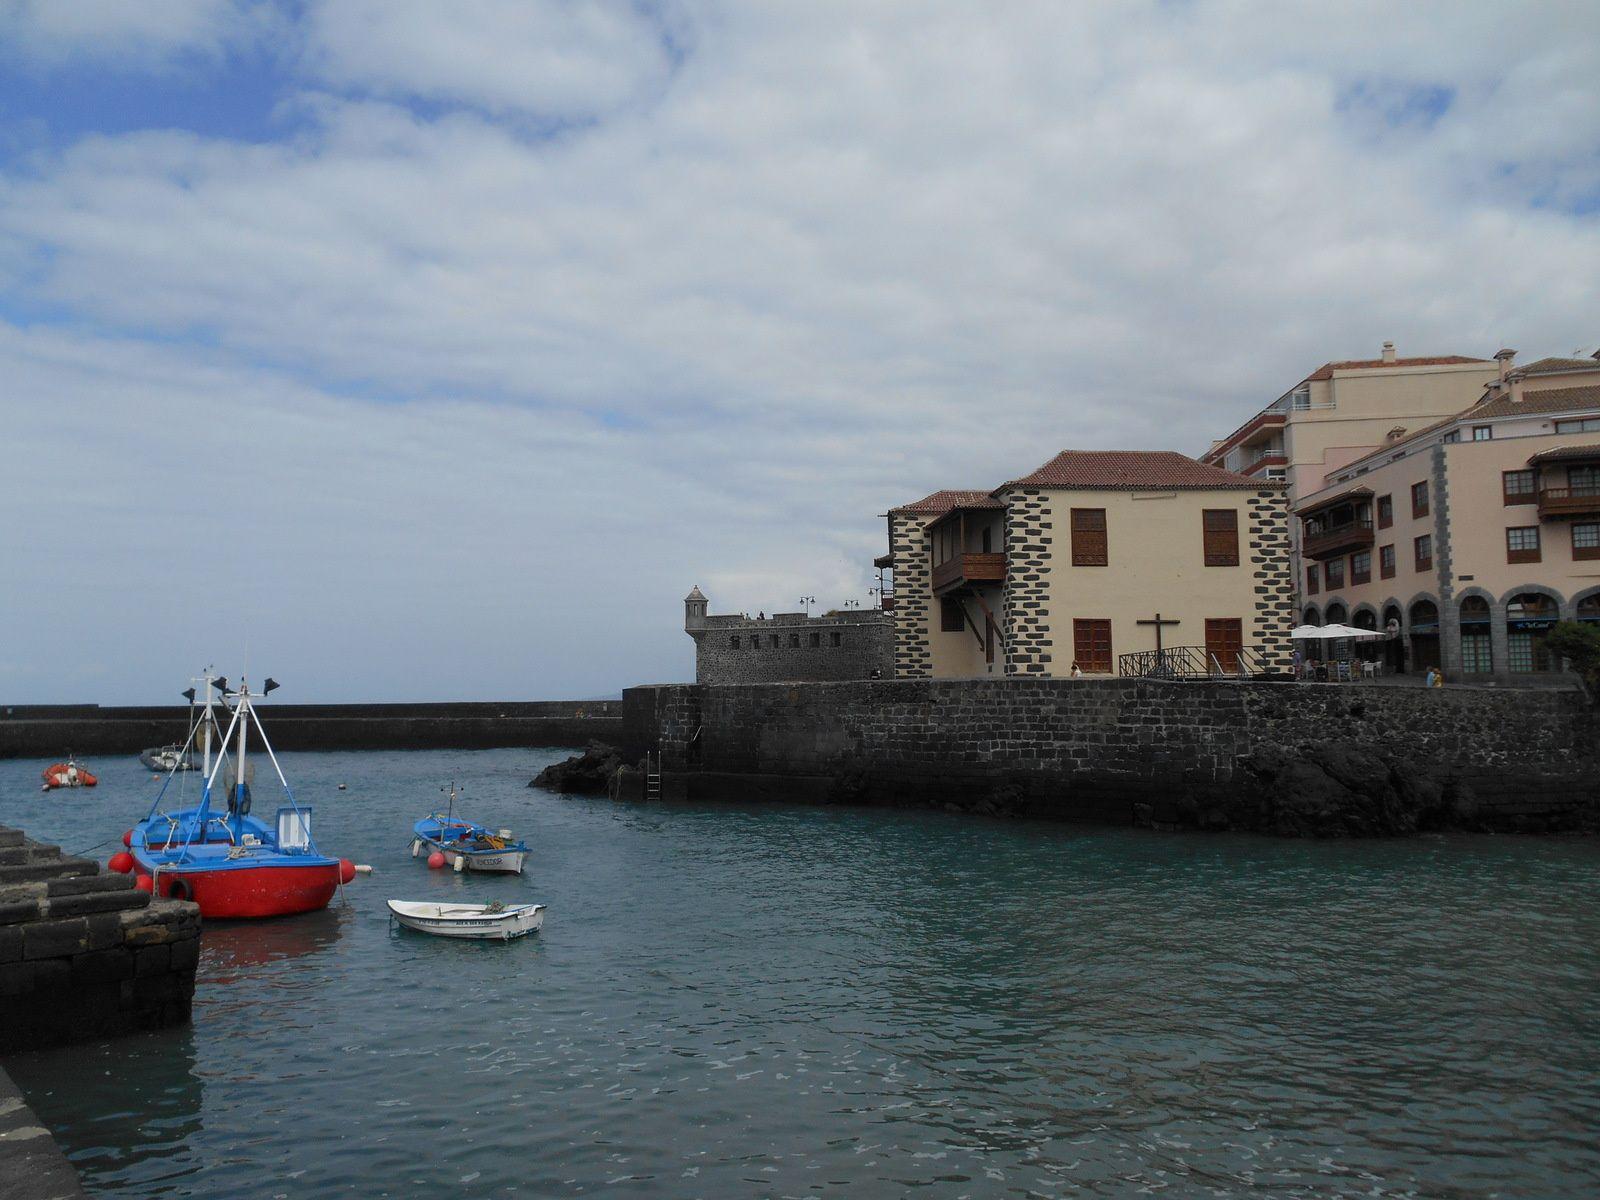 A proximité se trouve l'office de tourisme ainsi que l'ancienne douane datant de 1620.